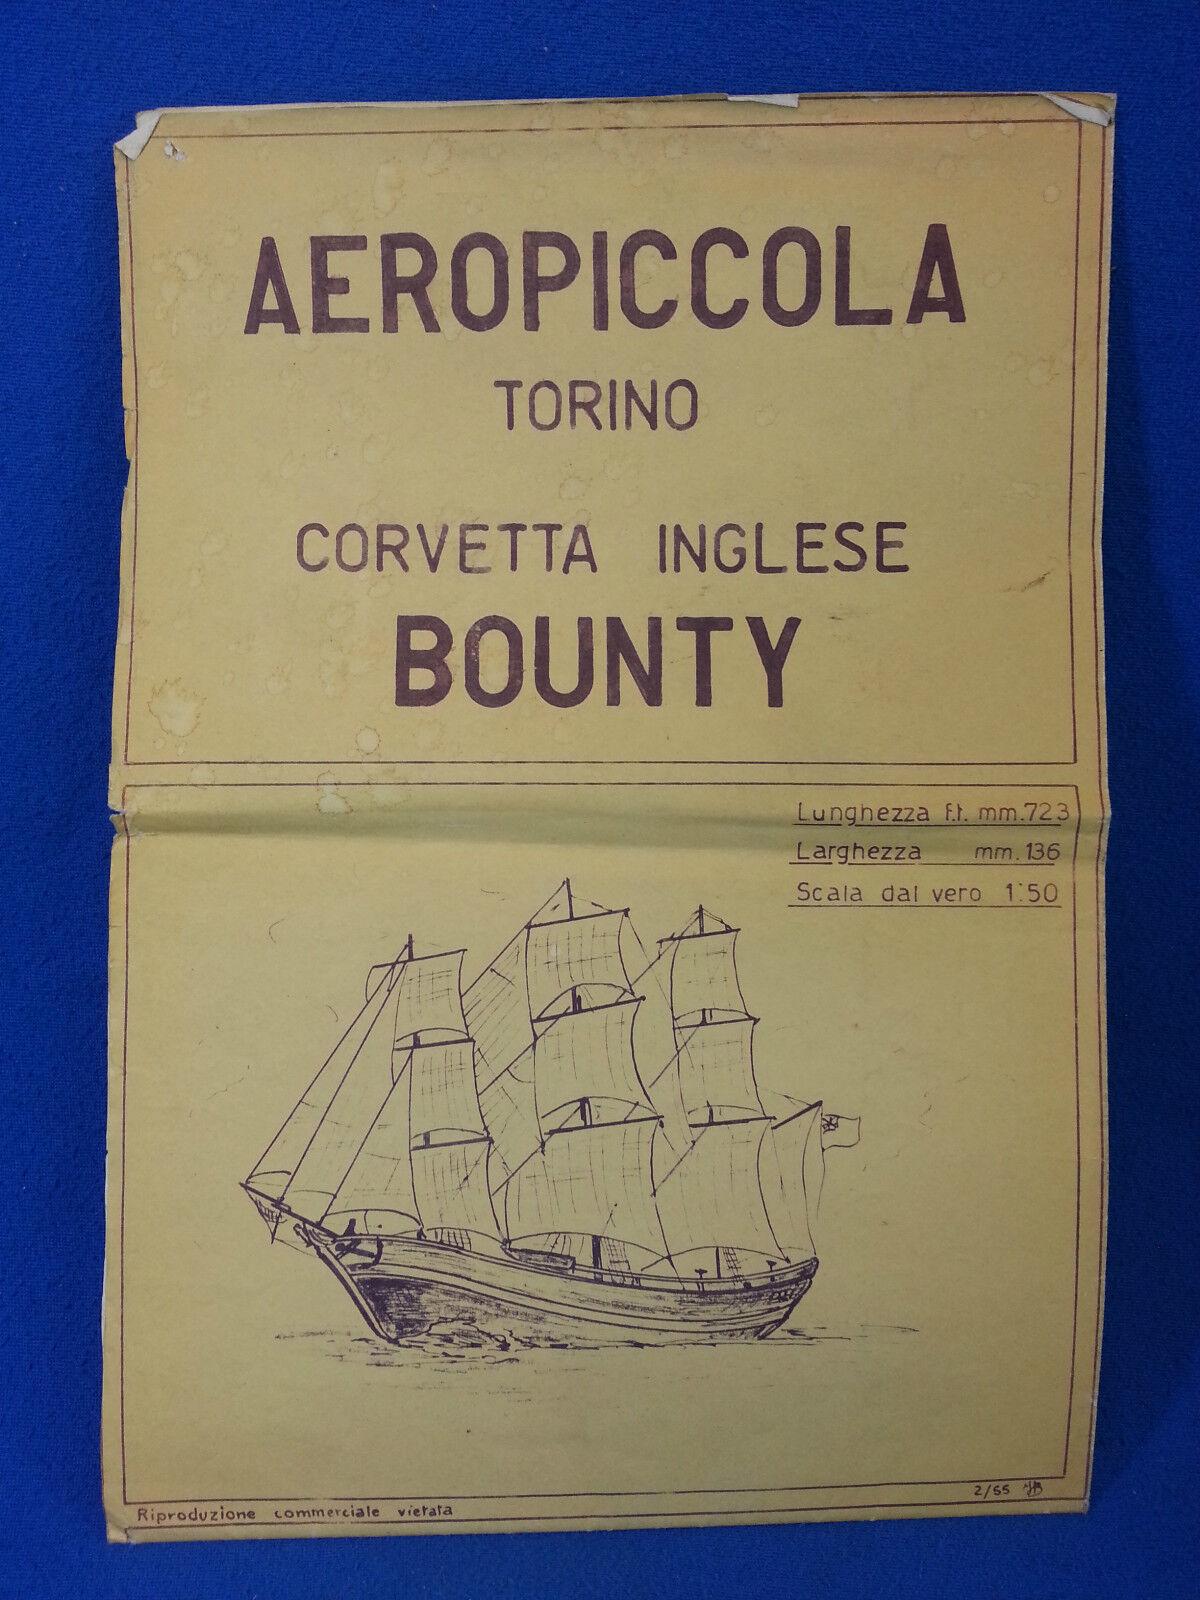 Aeropiccola - corvetta tedesco bounty - disegno costruttivo